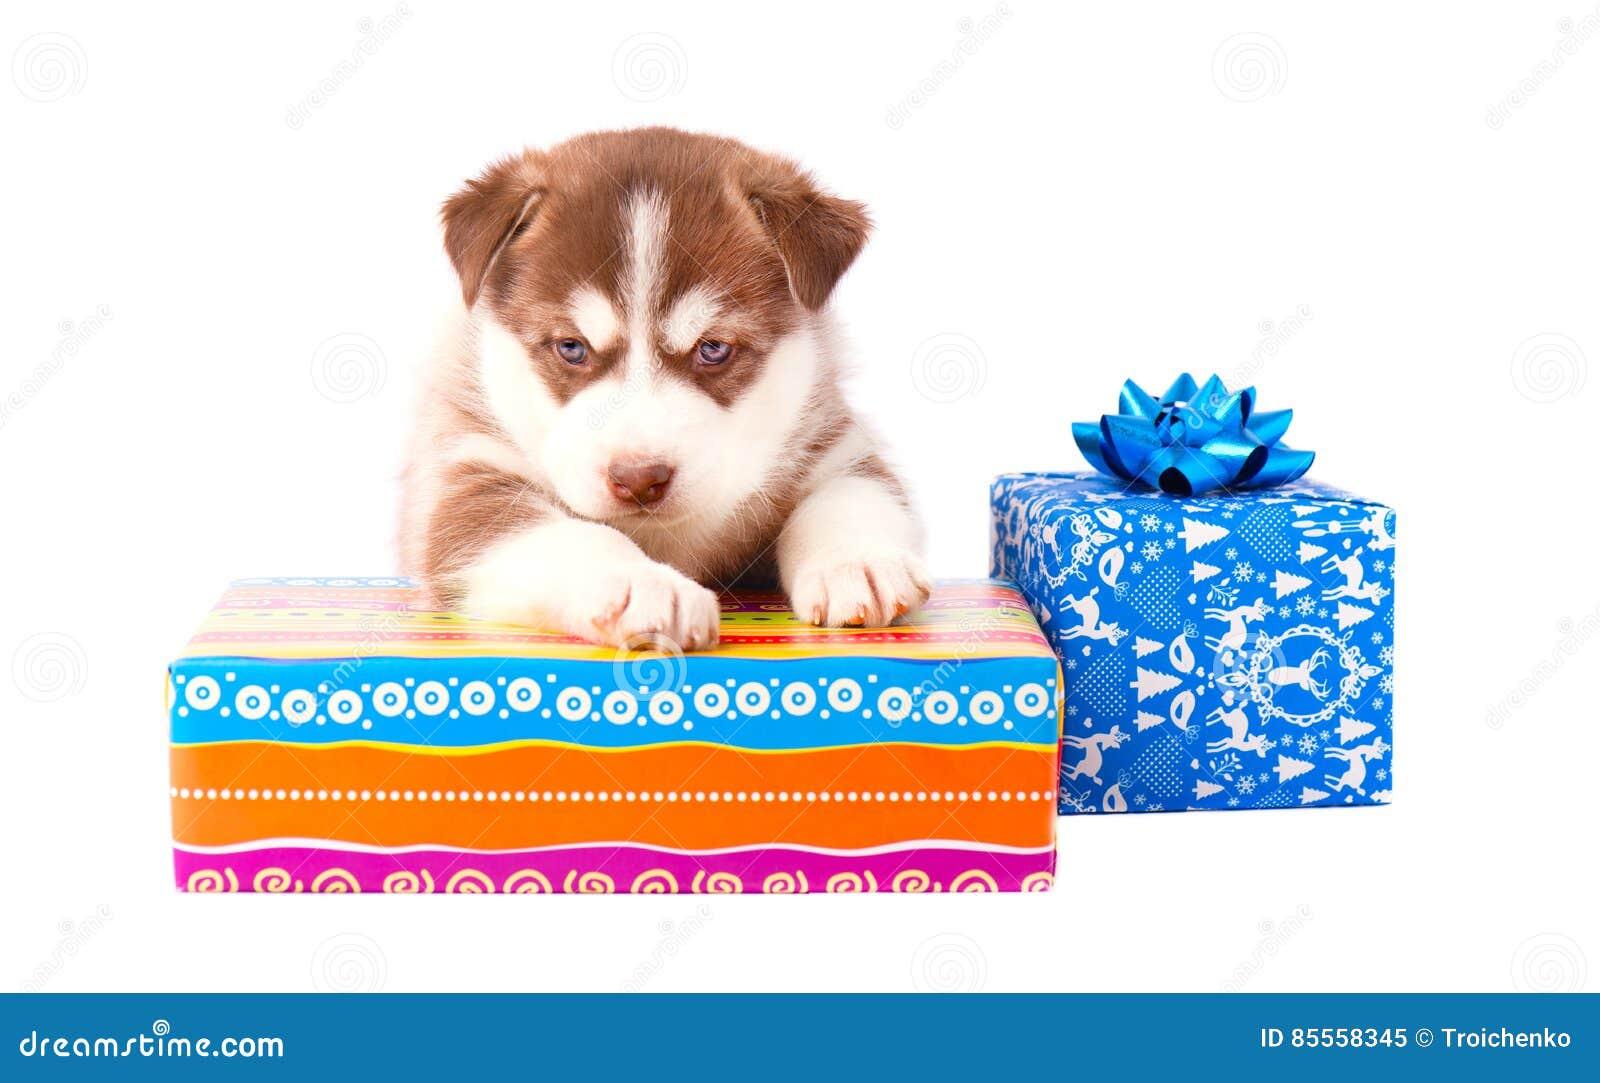 Rote Farbe des kleinen Welpensibirischen huskys auf einer farbigen Geschenkbox lokalisierte weißen Hintergrund